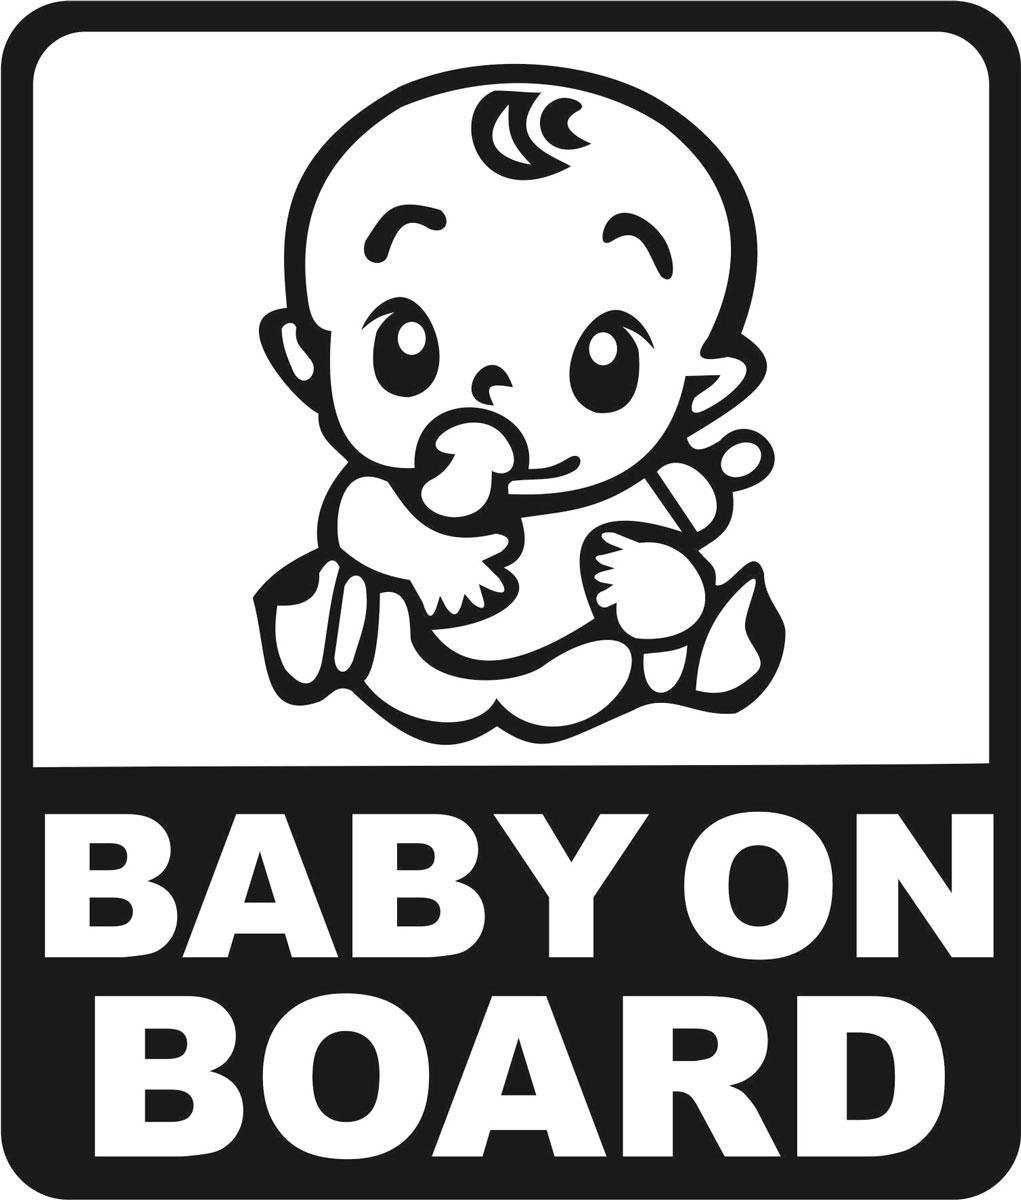 Наклейка автомобильная Оранжевый слоник Baby on Board. Квадрат 2, виниловая, цвет: черный150RM00019WОригинальная наклейка Оранжевый слоник Baby on Board. Квадрат 2 изготовлена из долговечного винила, который выполняет не только декоративную функцию, но и защищает кузов от небольших механических повреждений, либо скрывает уже существующие.Виниловые наклейки на авто - это не только красиво, но еще и быстро! Всего за несколько минут вы можете полностью преобразить свой автомобиль, сделать его ярким, необычным, особенным и неповторимым!